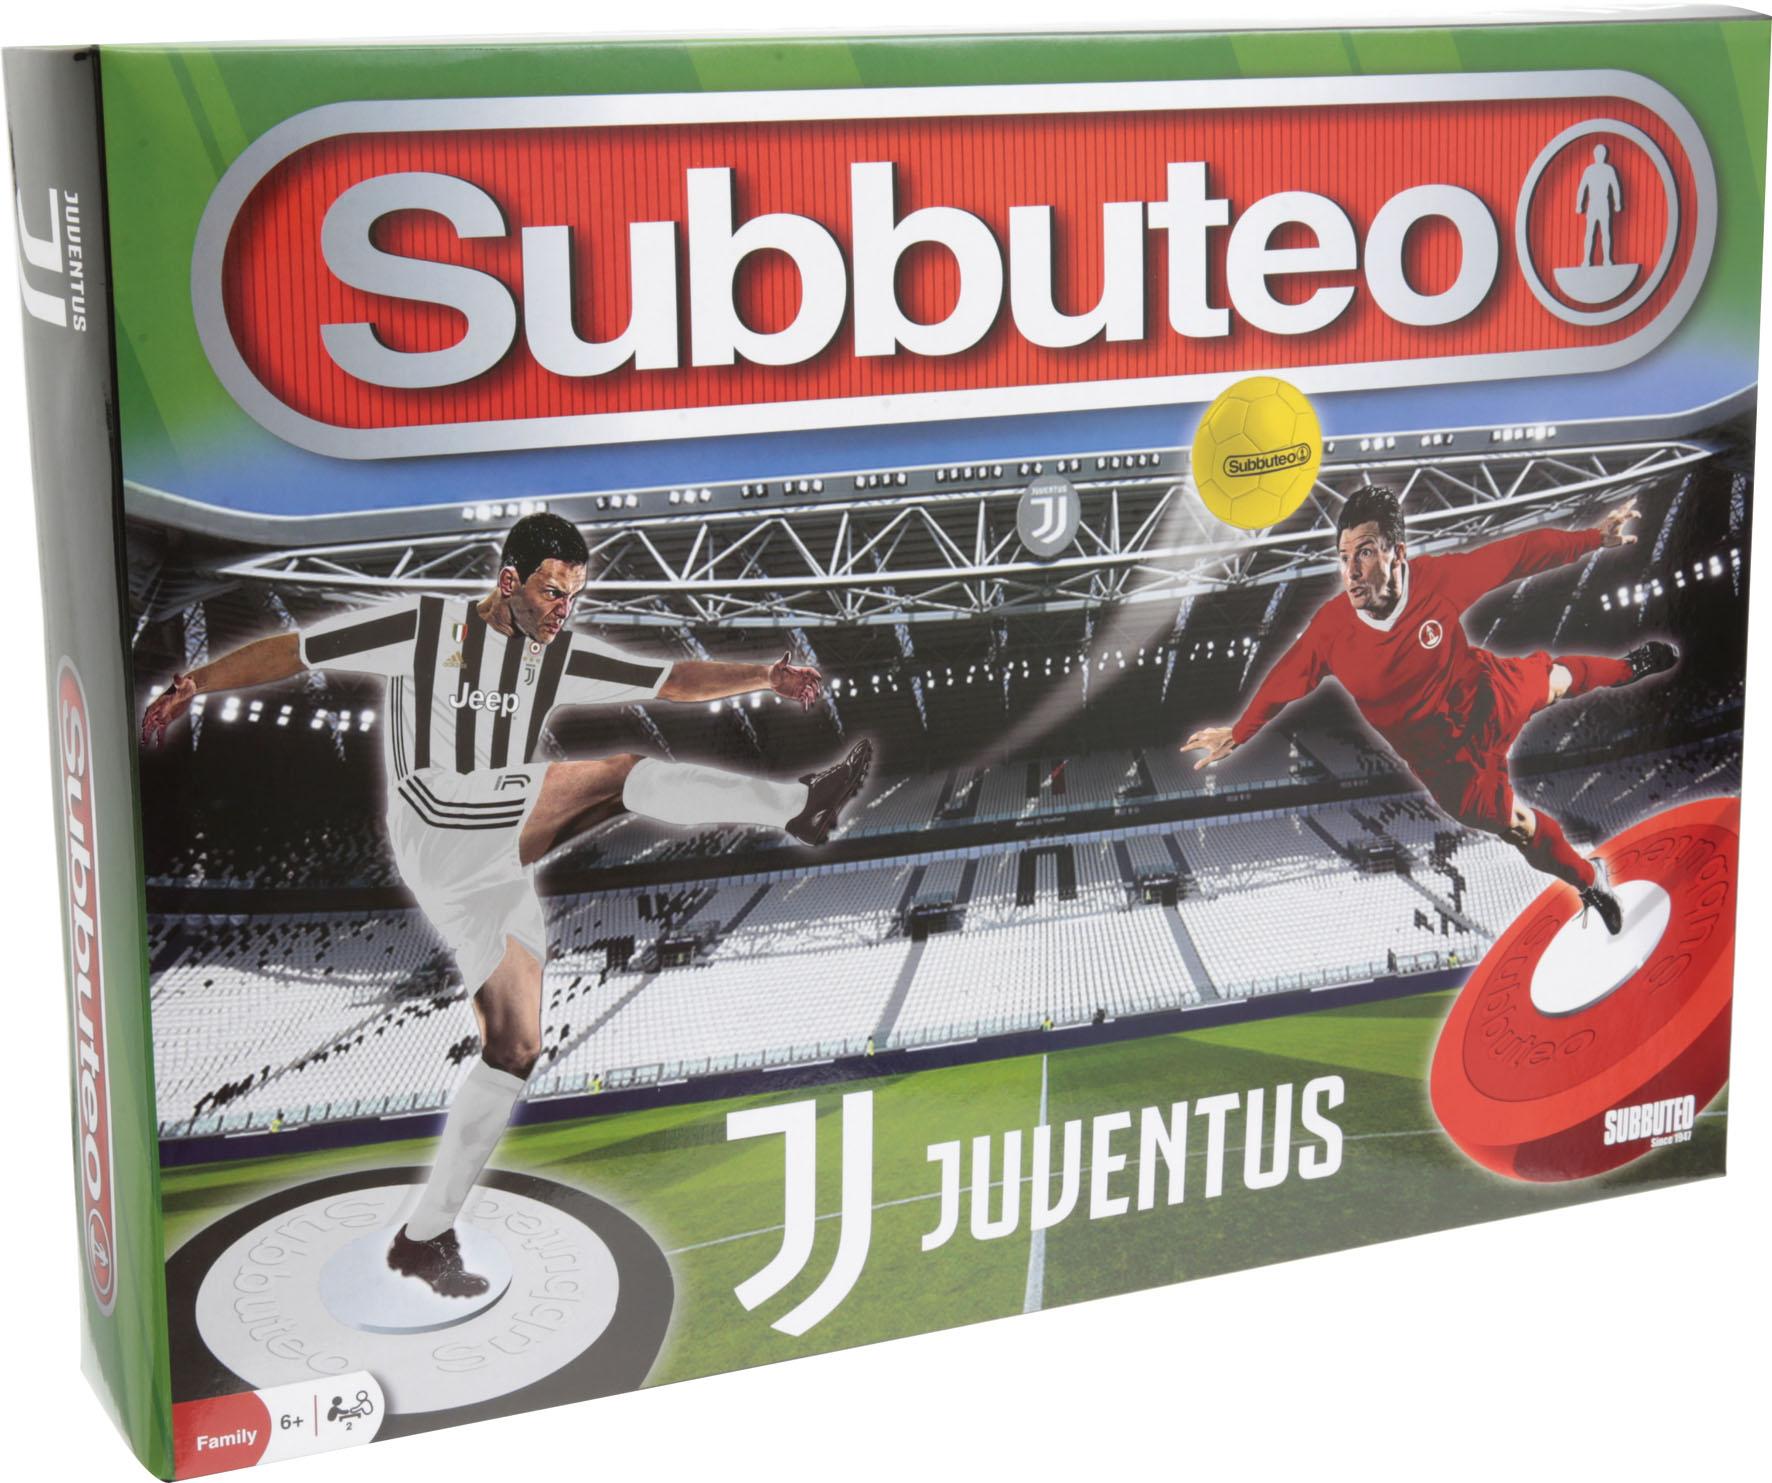 SUBBUTEO JUVENTUS C 2 SQUAD TV